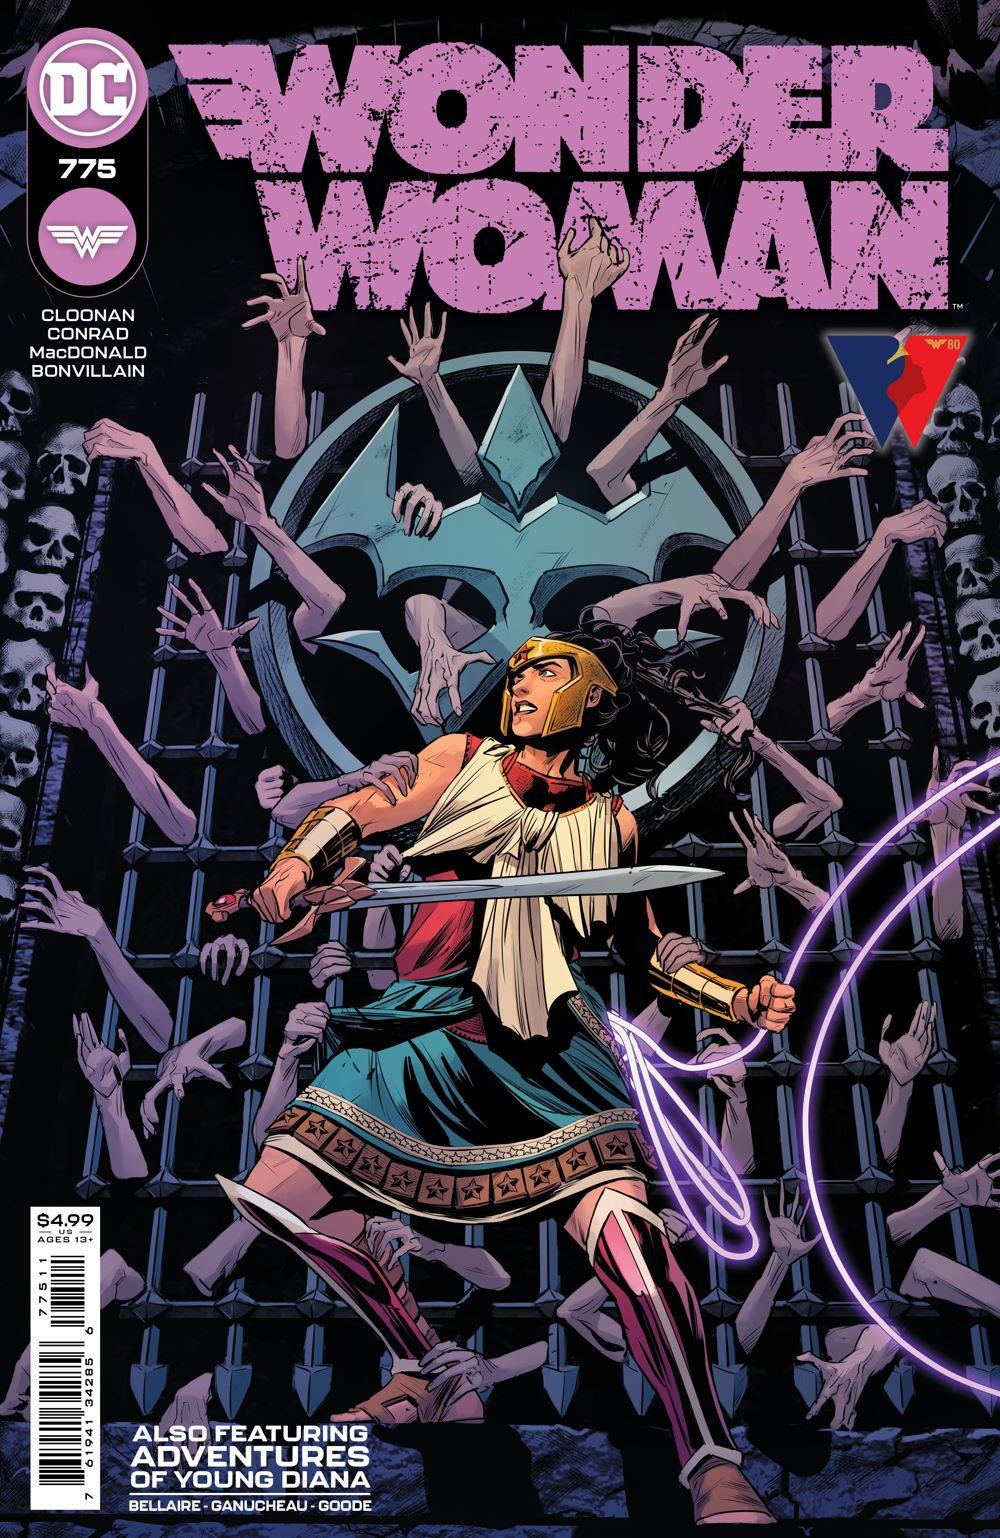 WONDERWOMAN_Cv775 DC Comics July 2021 Solicitations